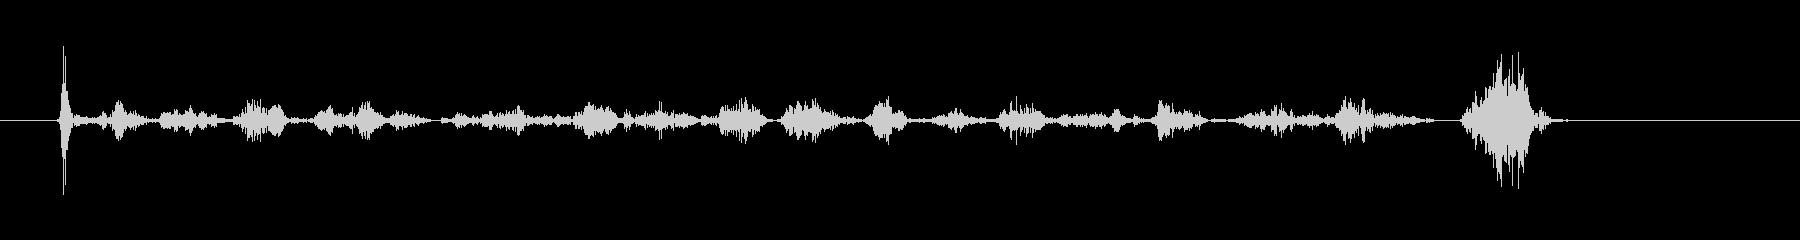 サインを書く音(ボールペン)BLの未再生の波形